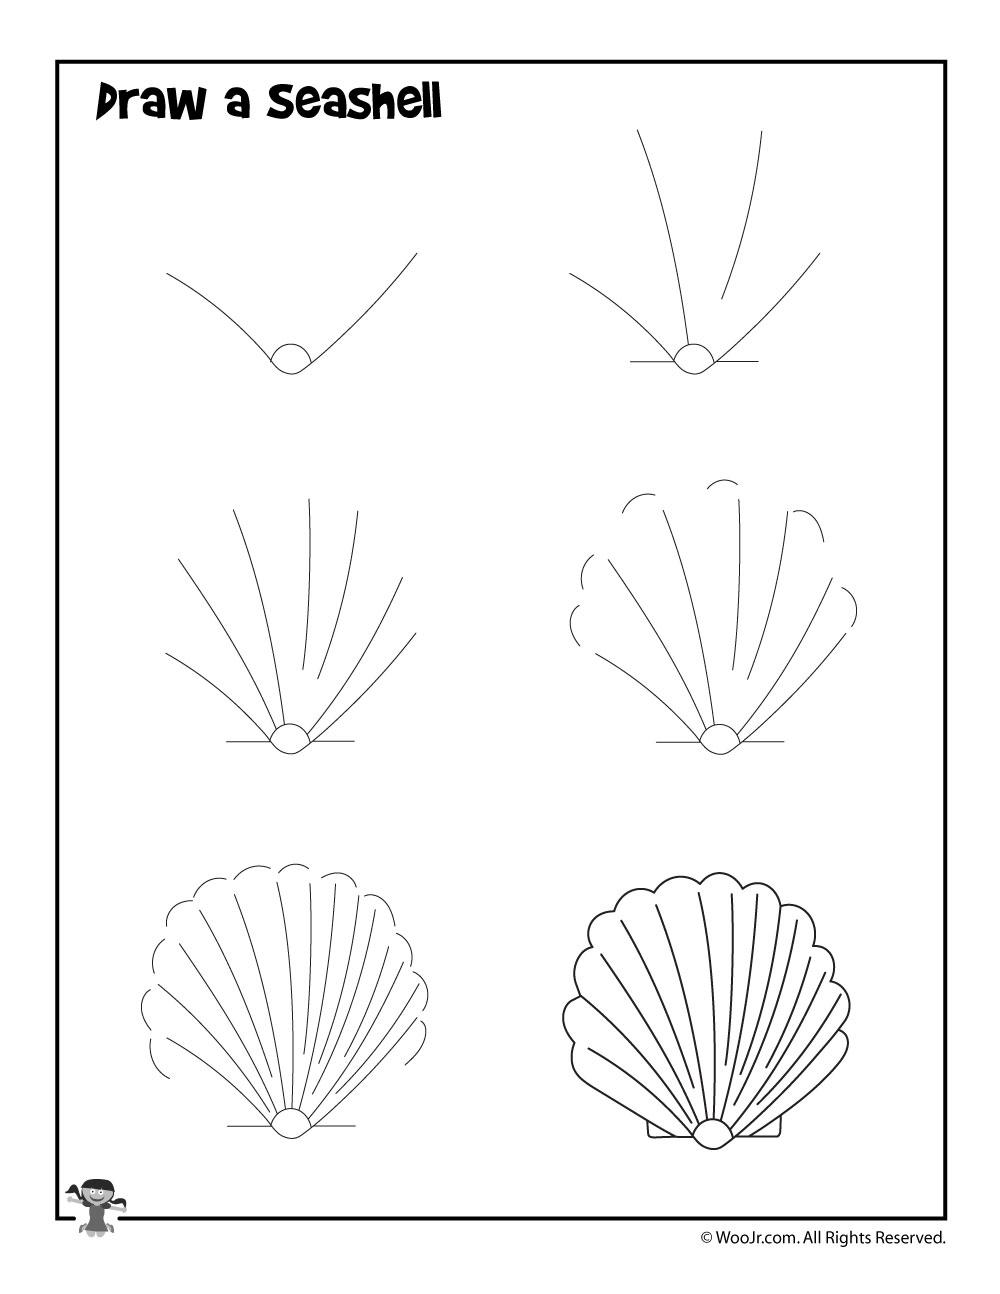 How To Draw A Seashell : seashell, Seashell, Activities